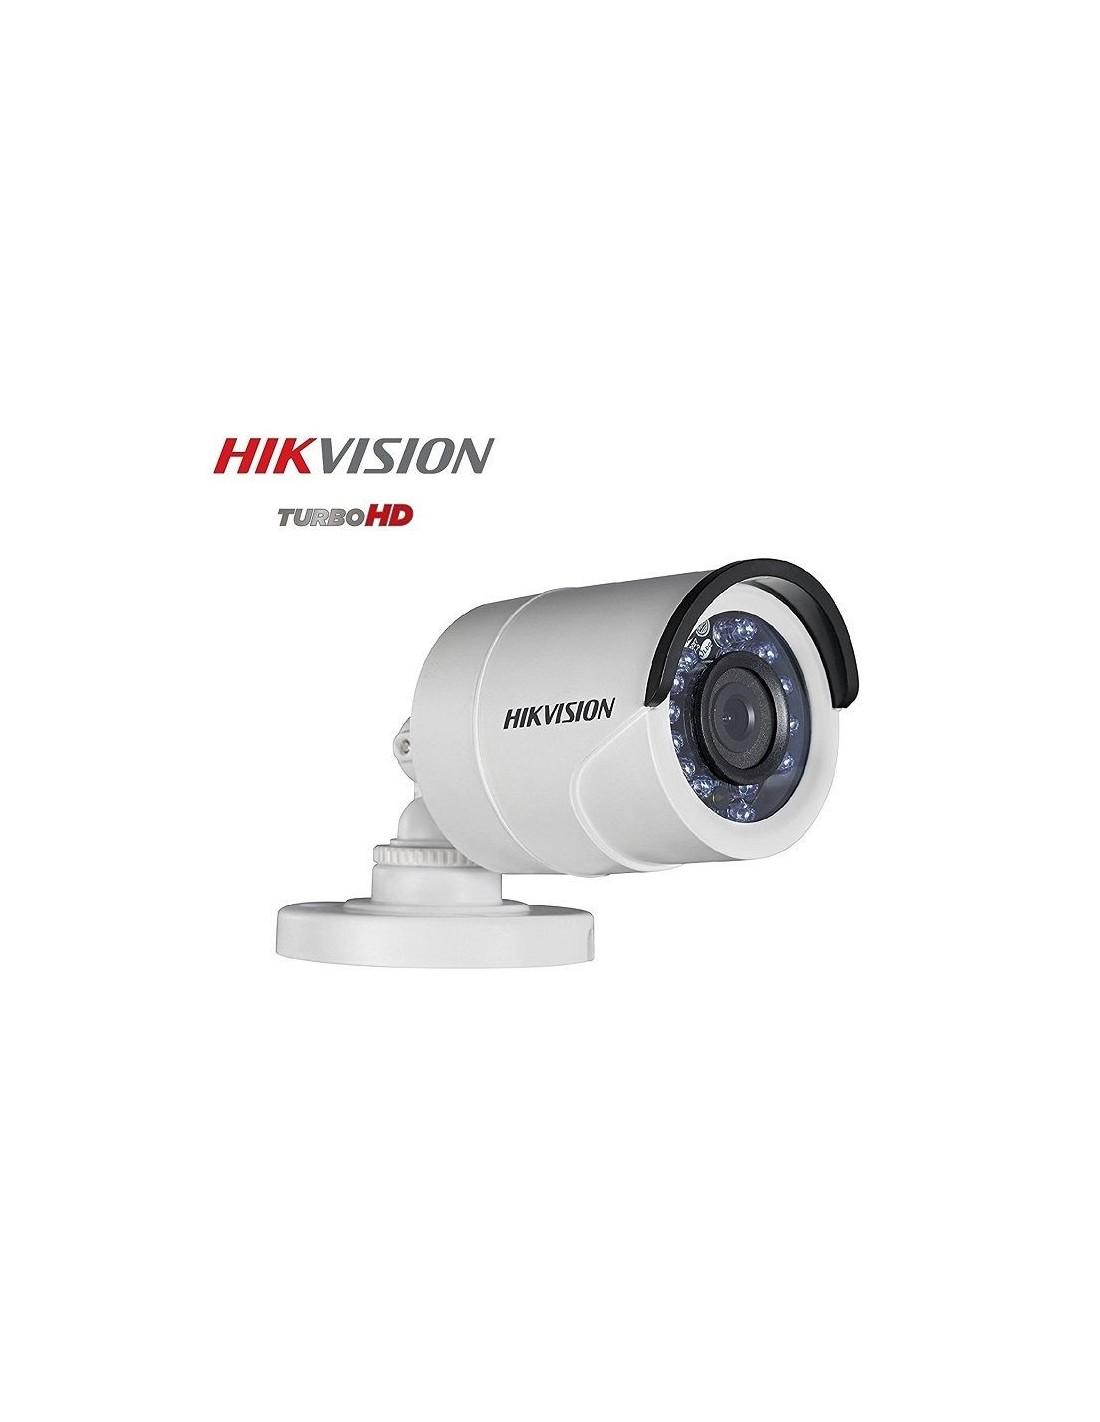 Prix Camera Hikvision Hd1080p Externe 20m Ir Tunisie